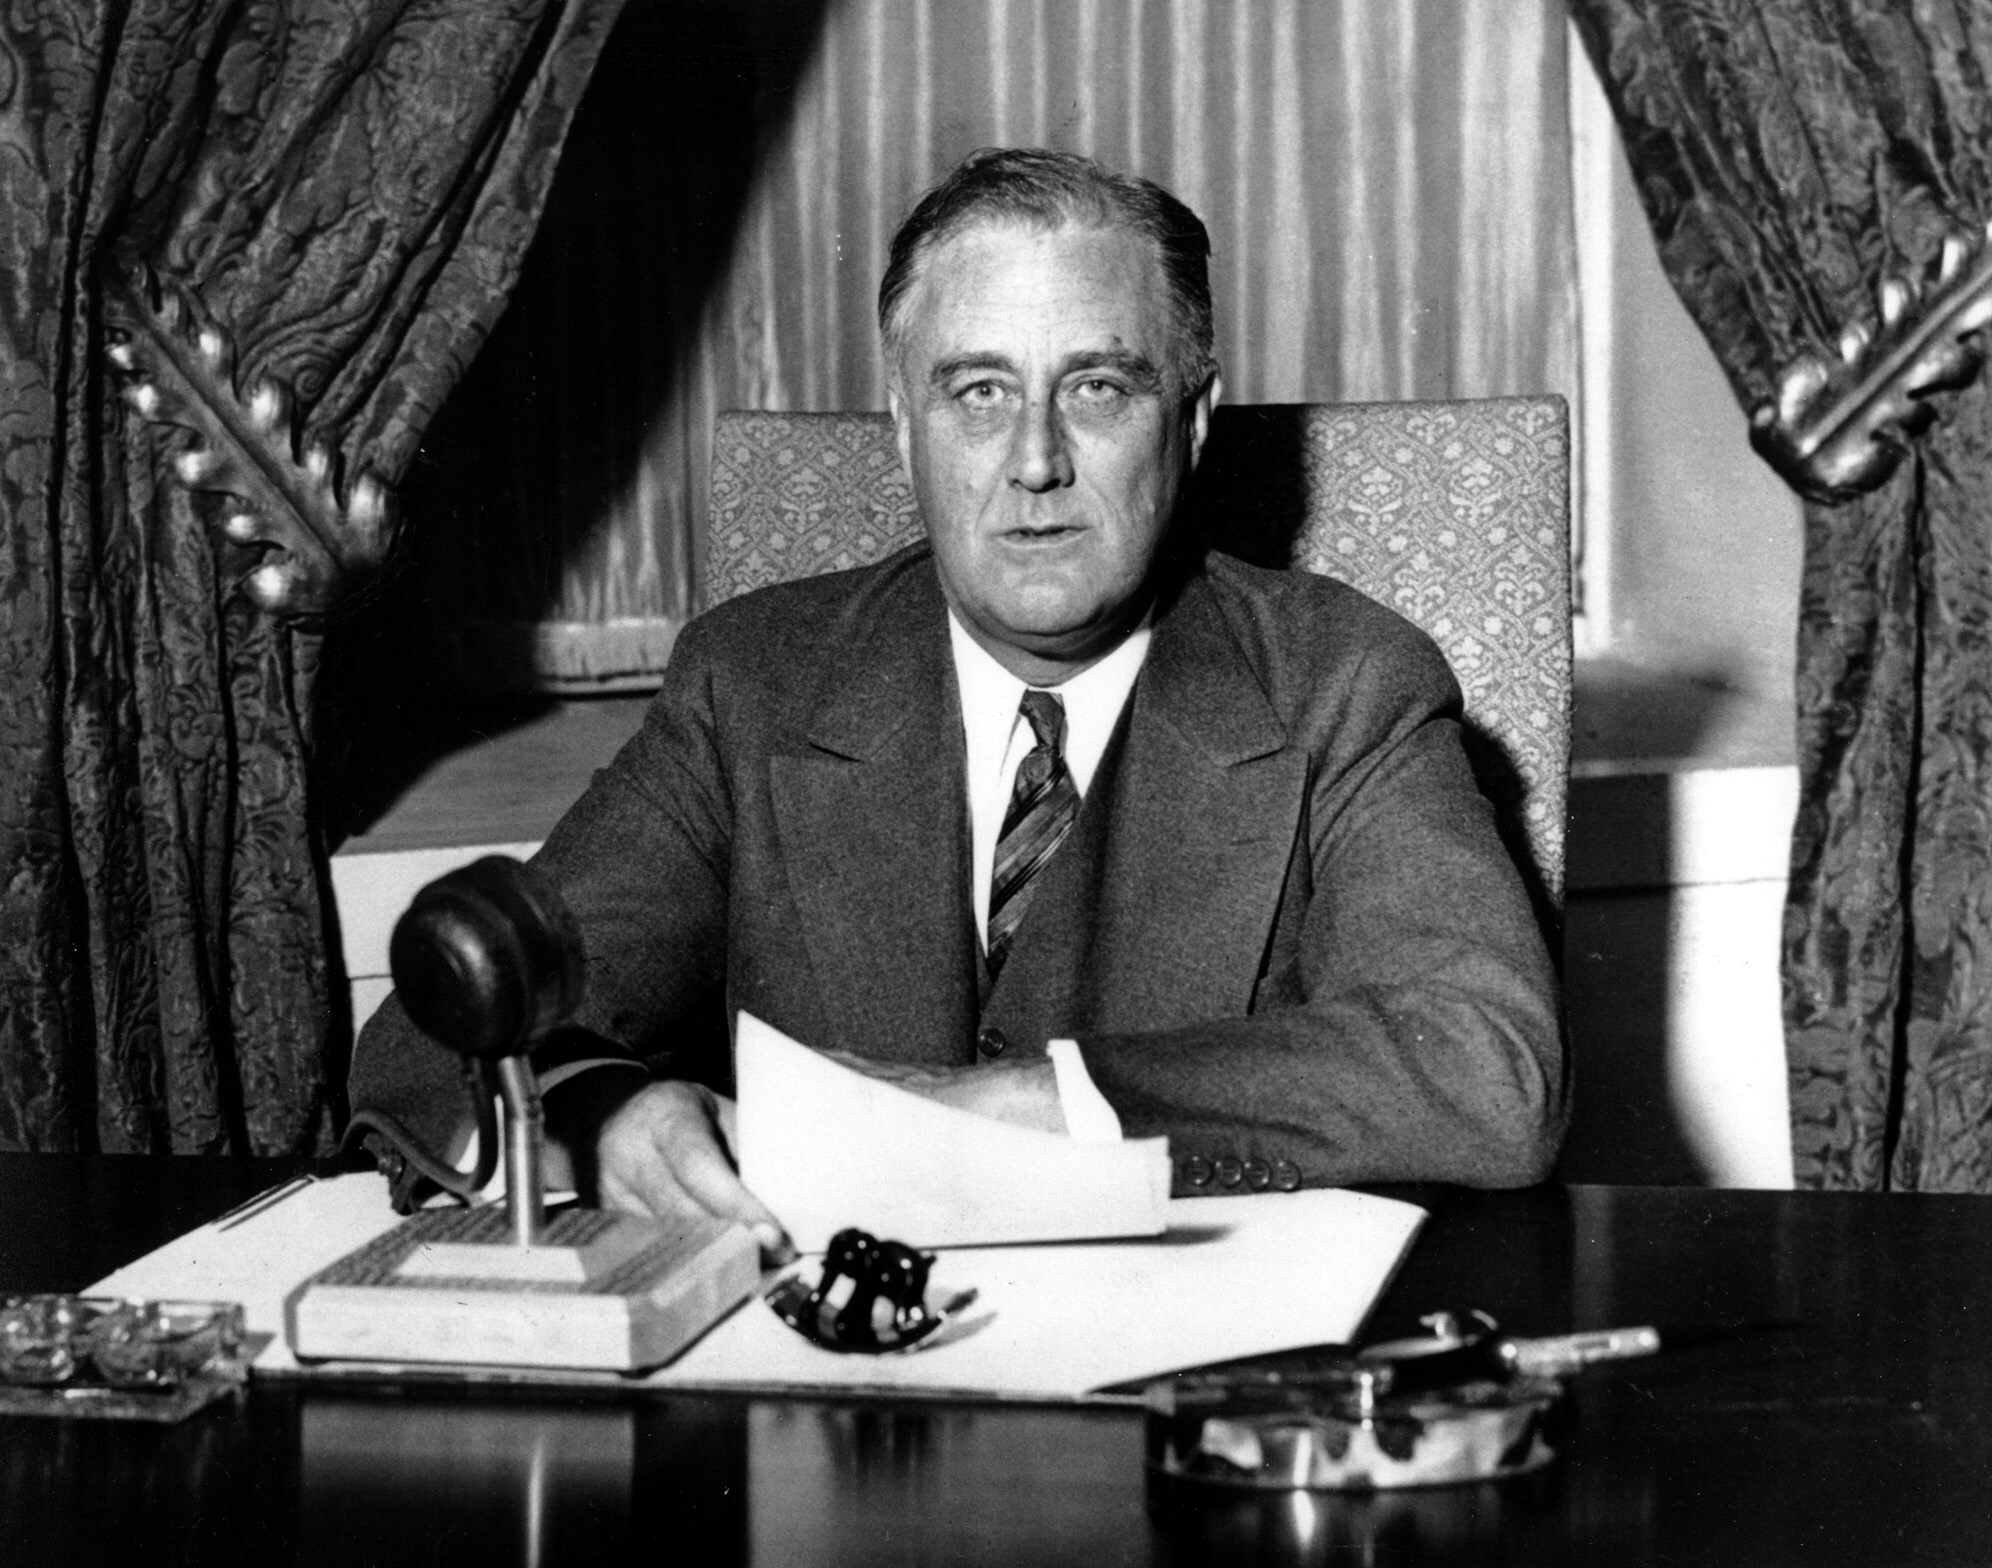 Franklin Delano Roosevelt 1882-1945